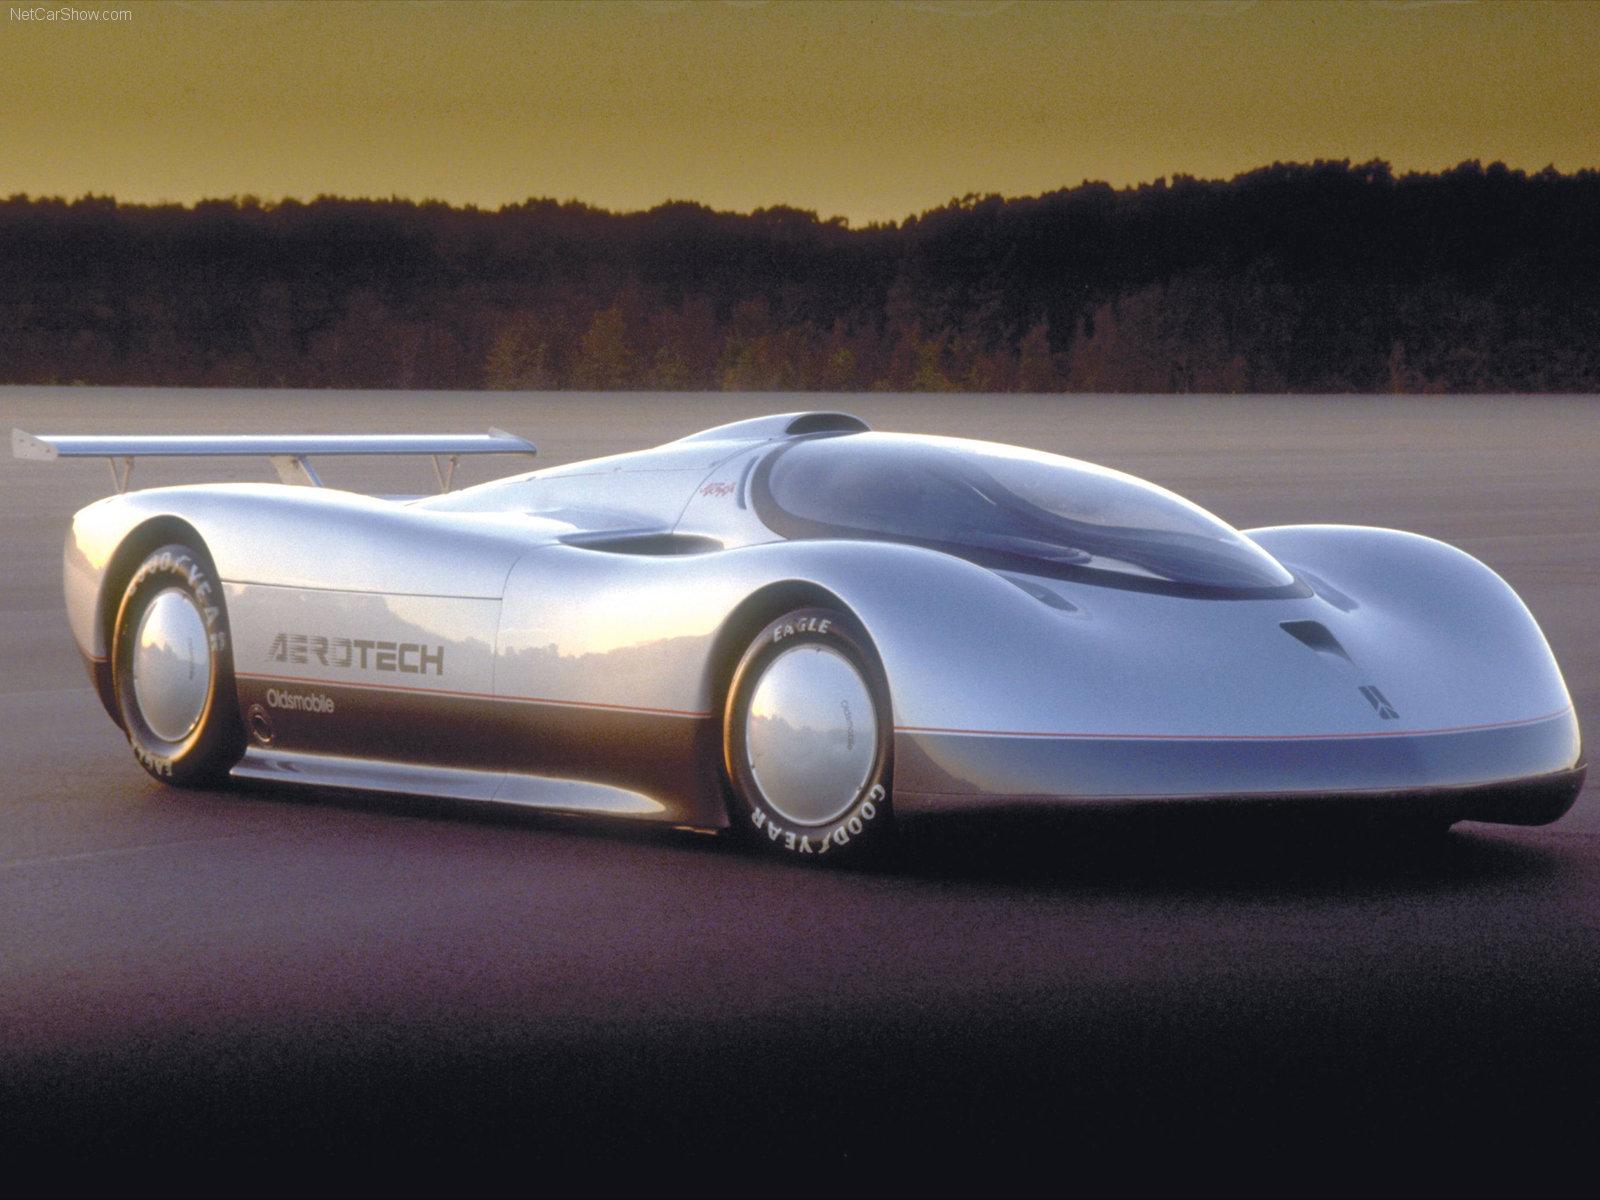 Hình ảnh xe ô tô Oldsmobile Aerotech Concept 1988 & nội ngoại thất